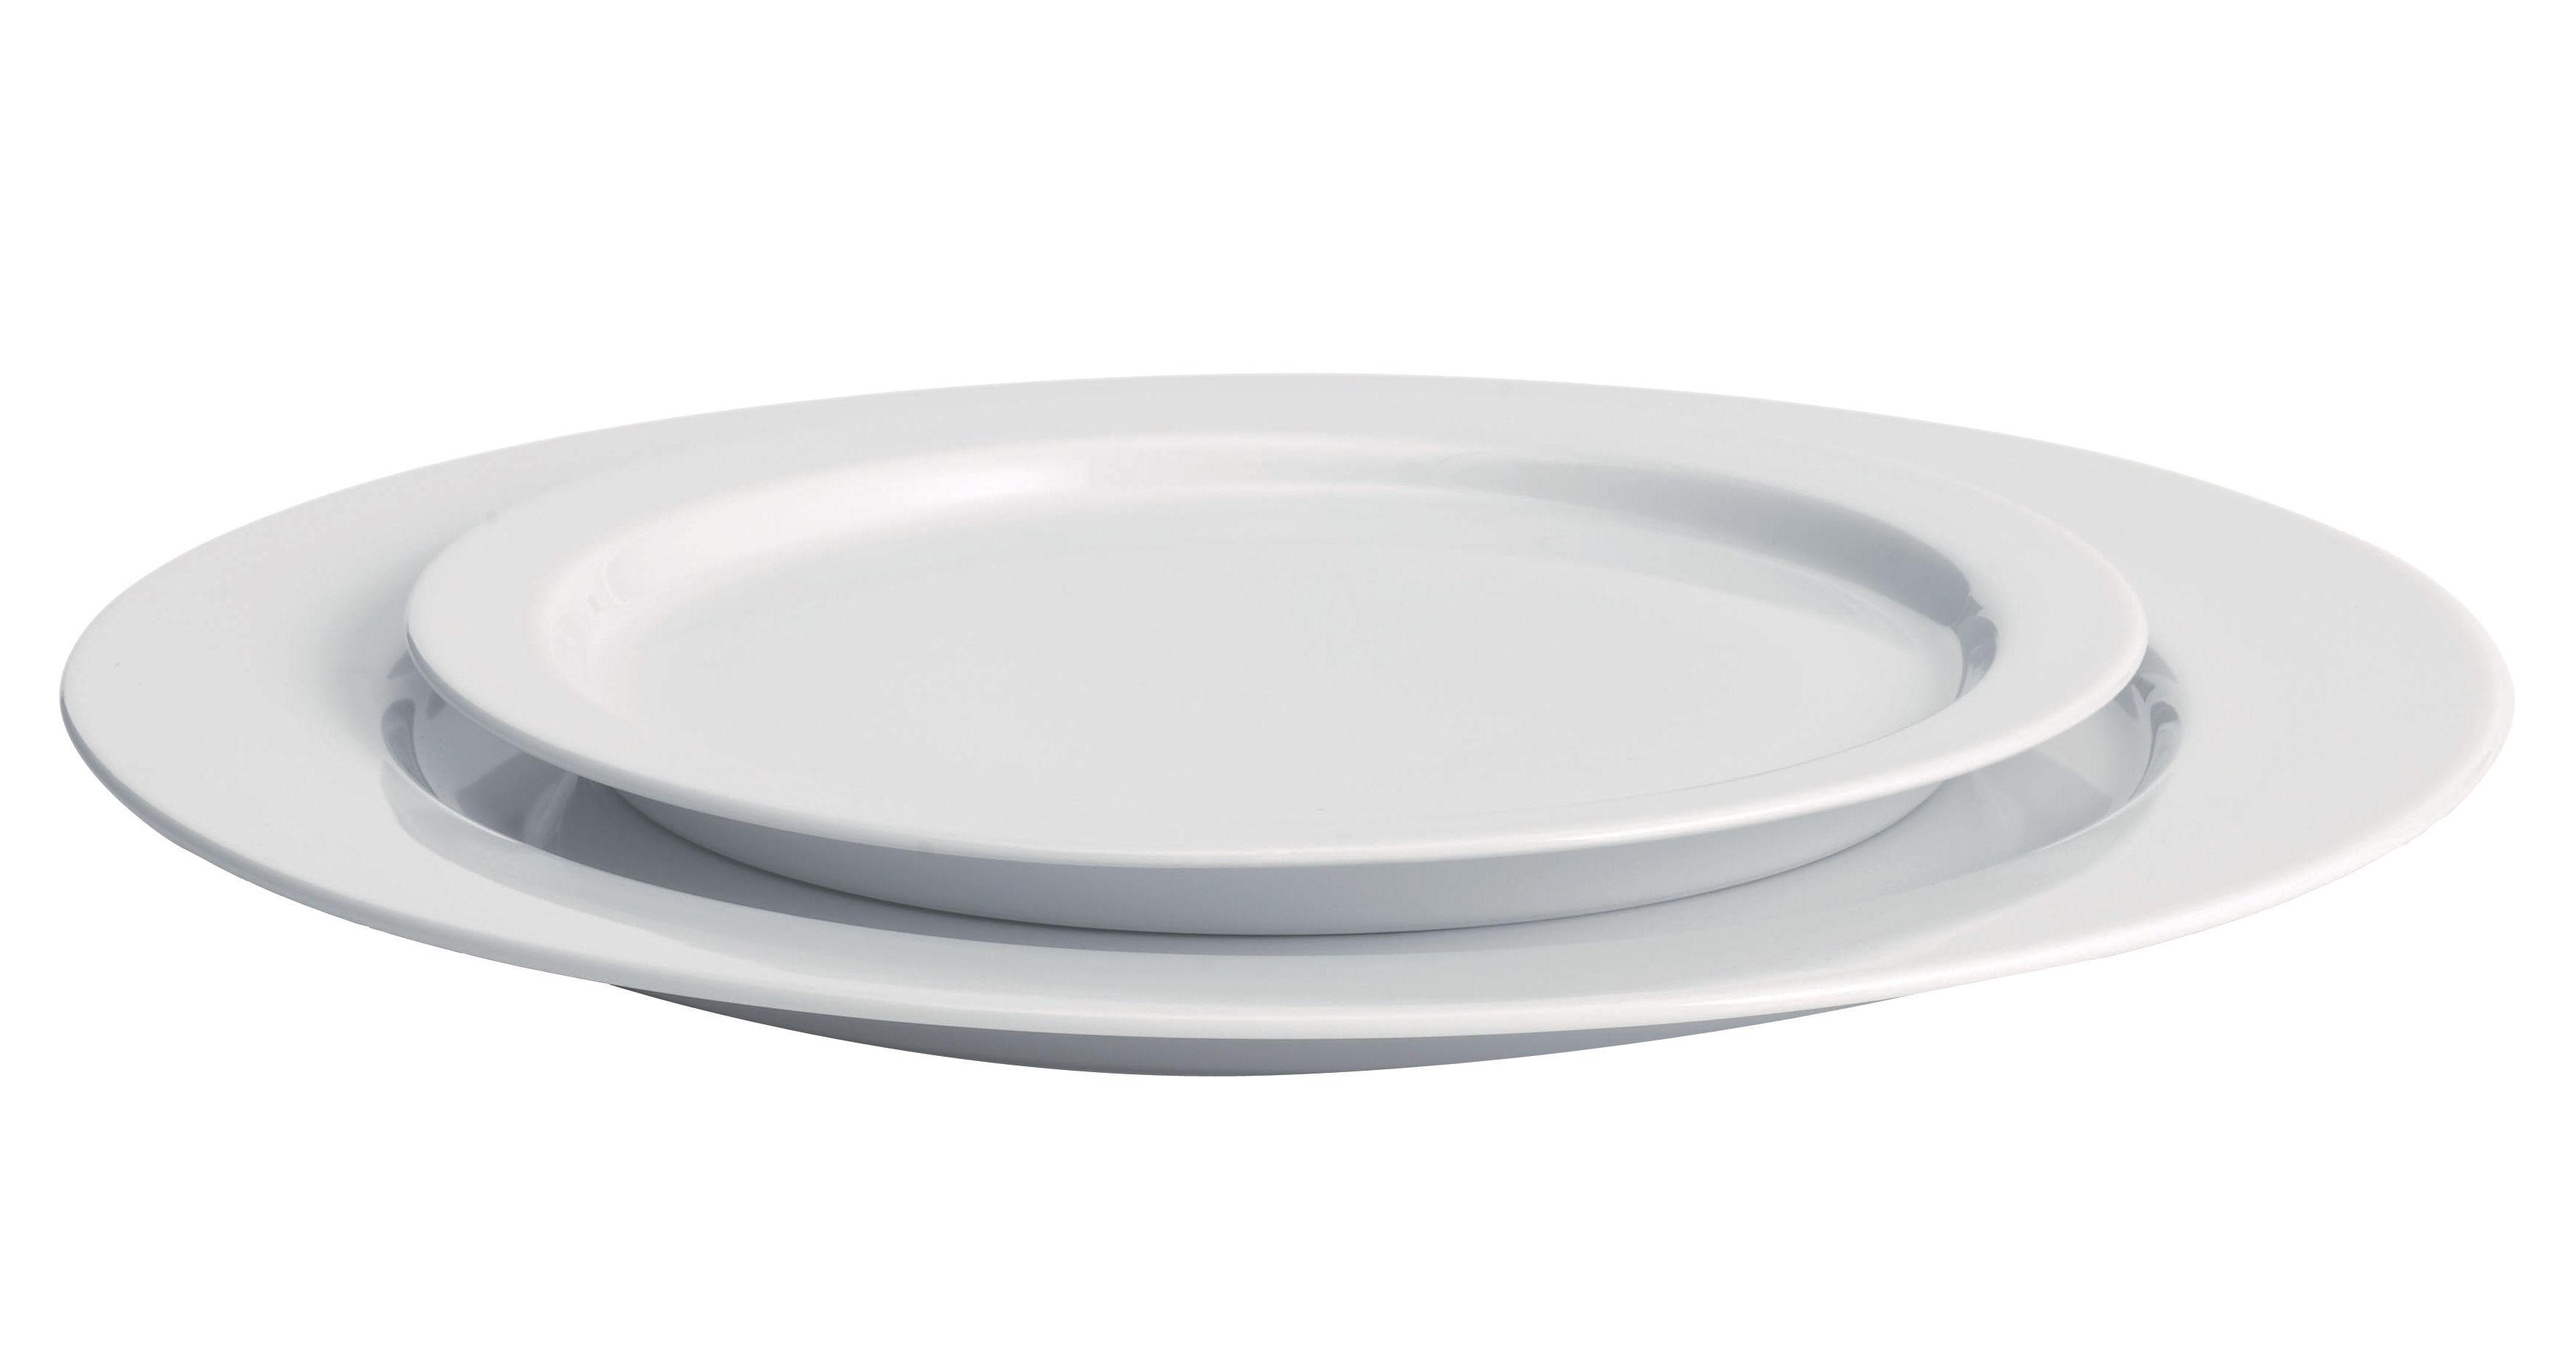 Tavola - Piatti  - Piatto da dessert Anatolia di Driade Kosmo - Bianco - Porcellana